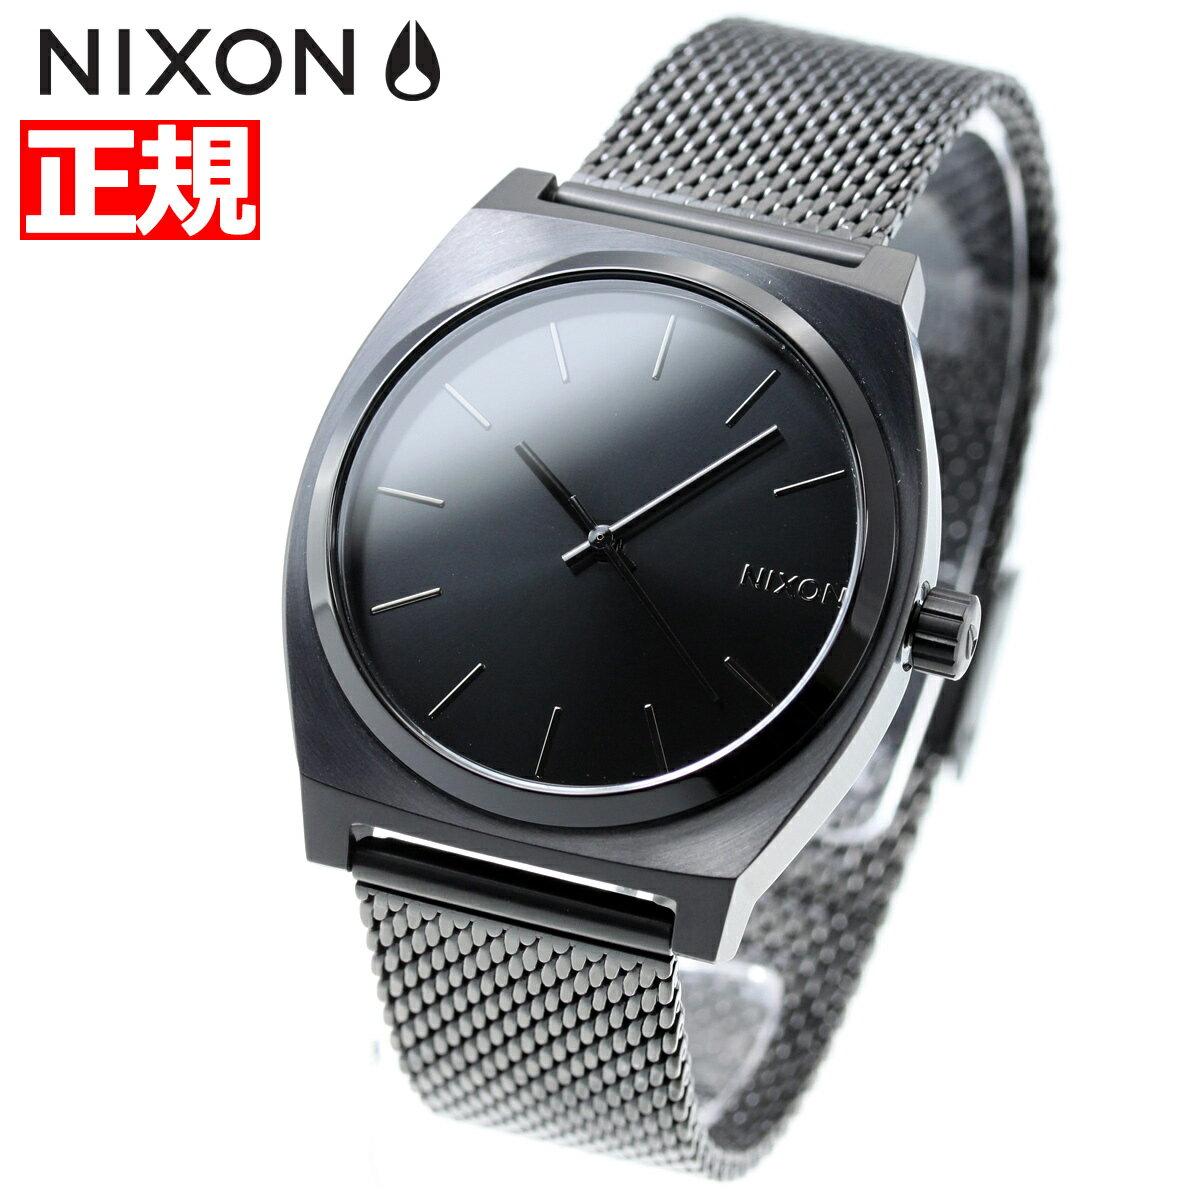 ニクソン NIXON タイムテラー ミラネーゼ TIME TELLER MILANESE 腕時計 レディース オールブラック NA1187001-00